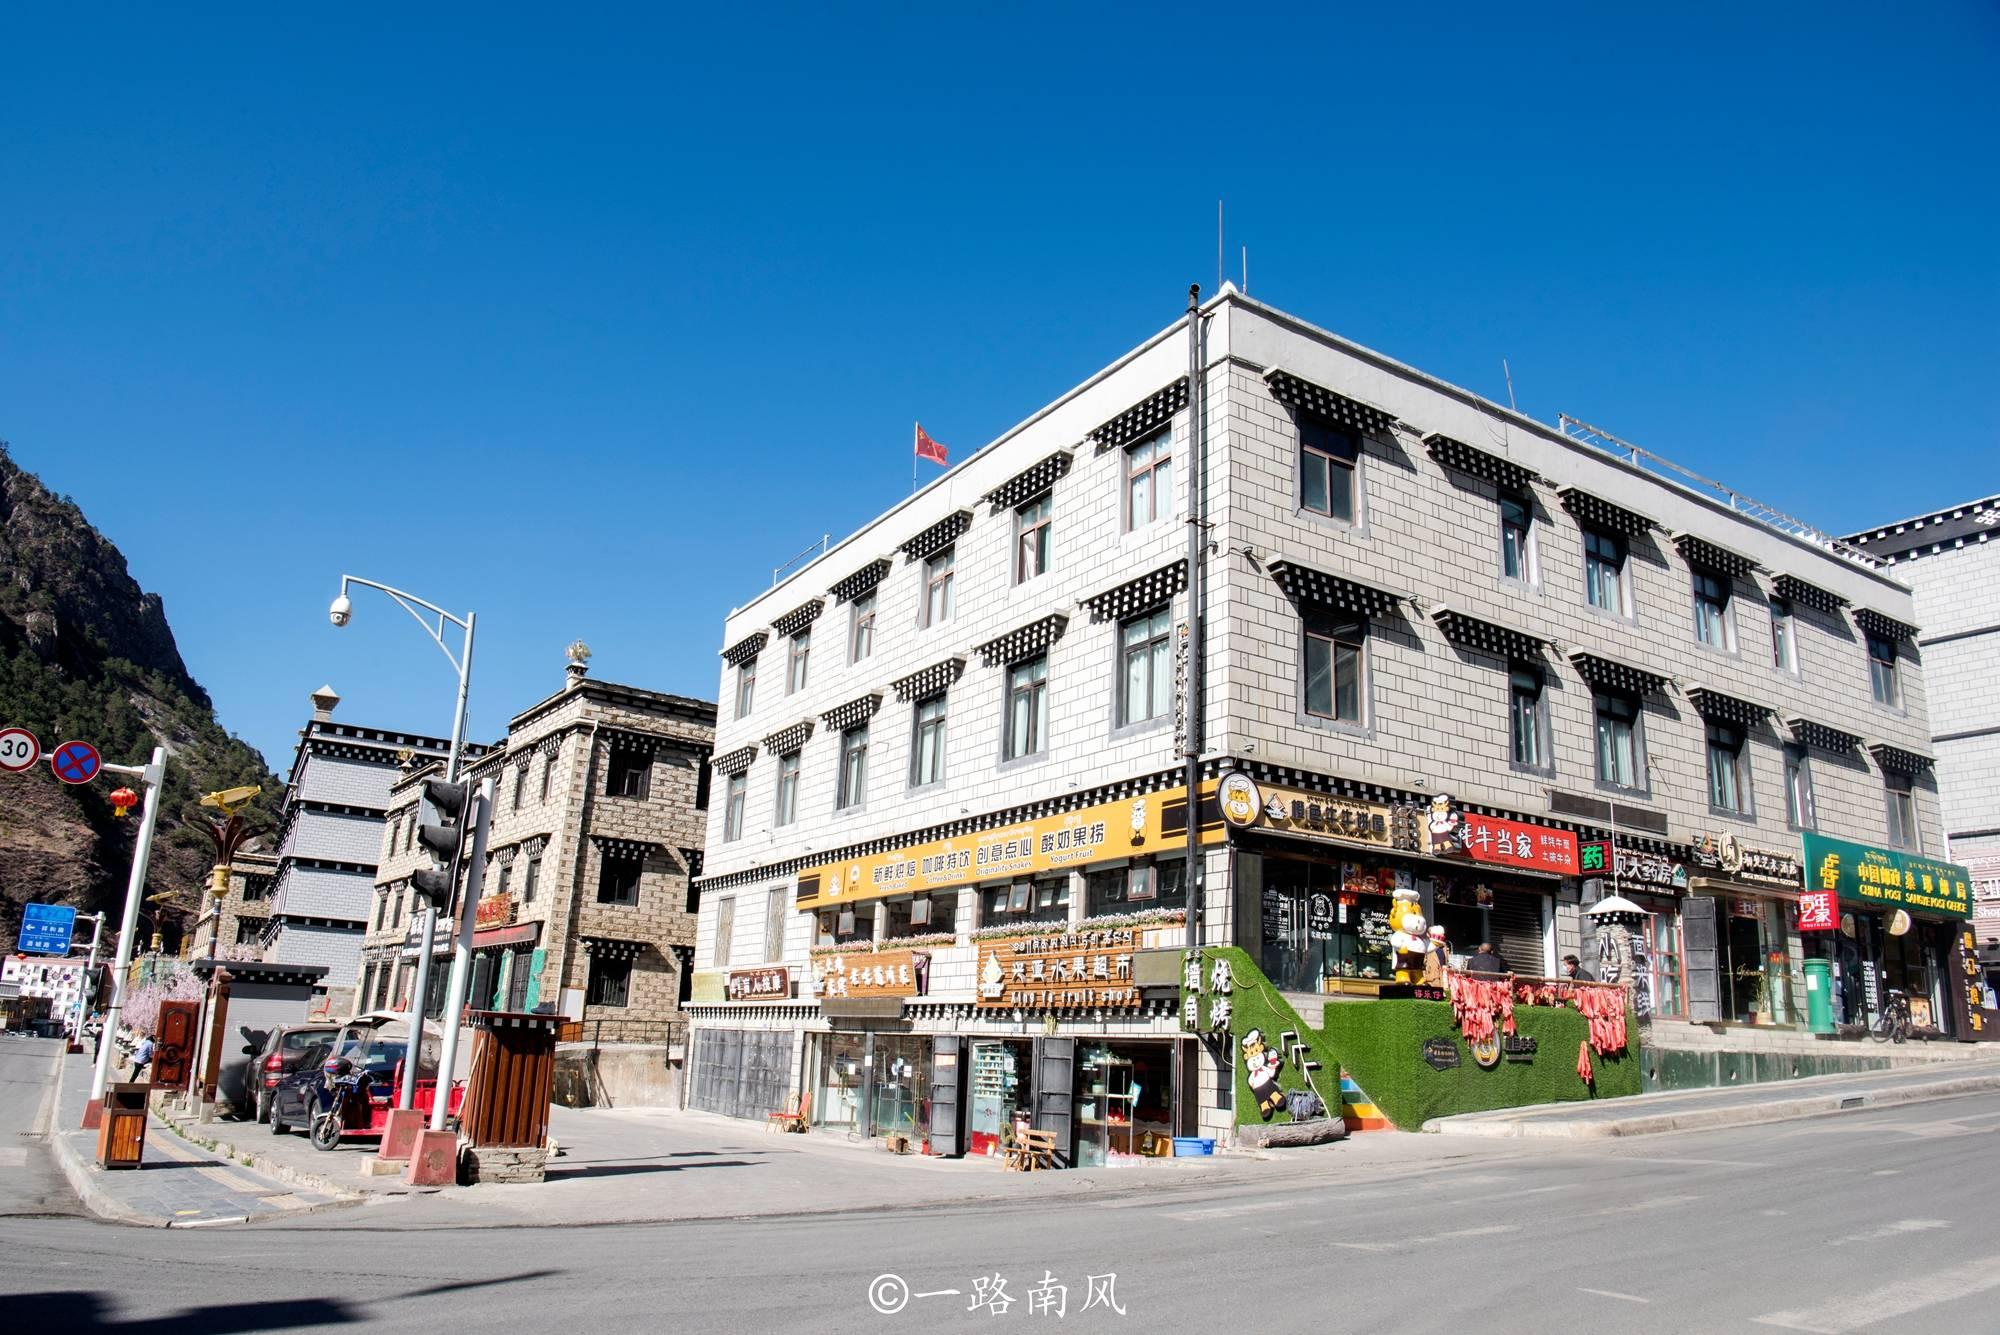 中国有两个香格里拉,除了云南,还有一个在四川稻城,你知道吗?